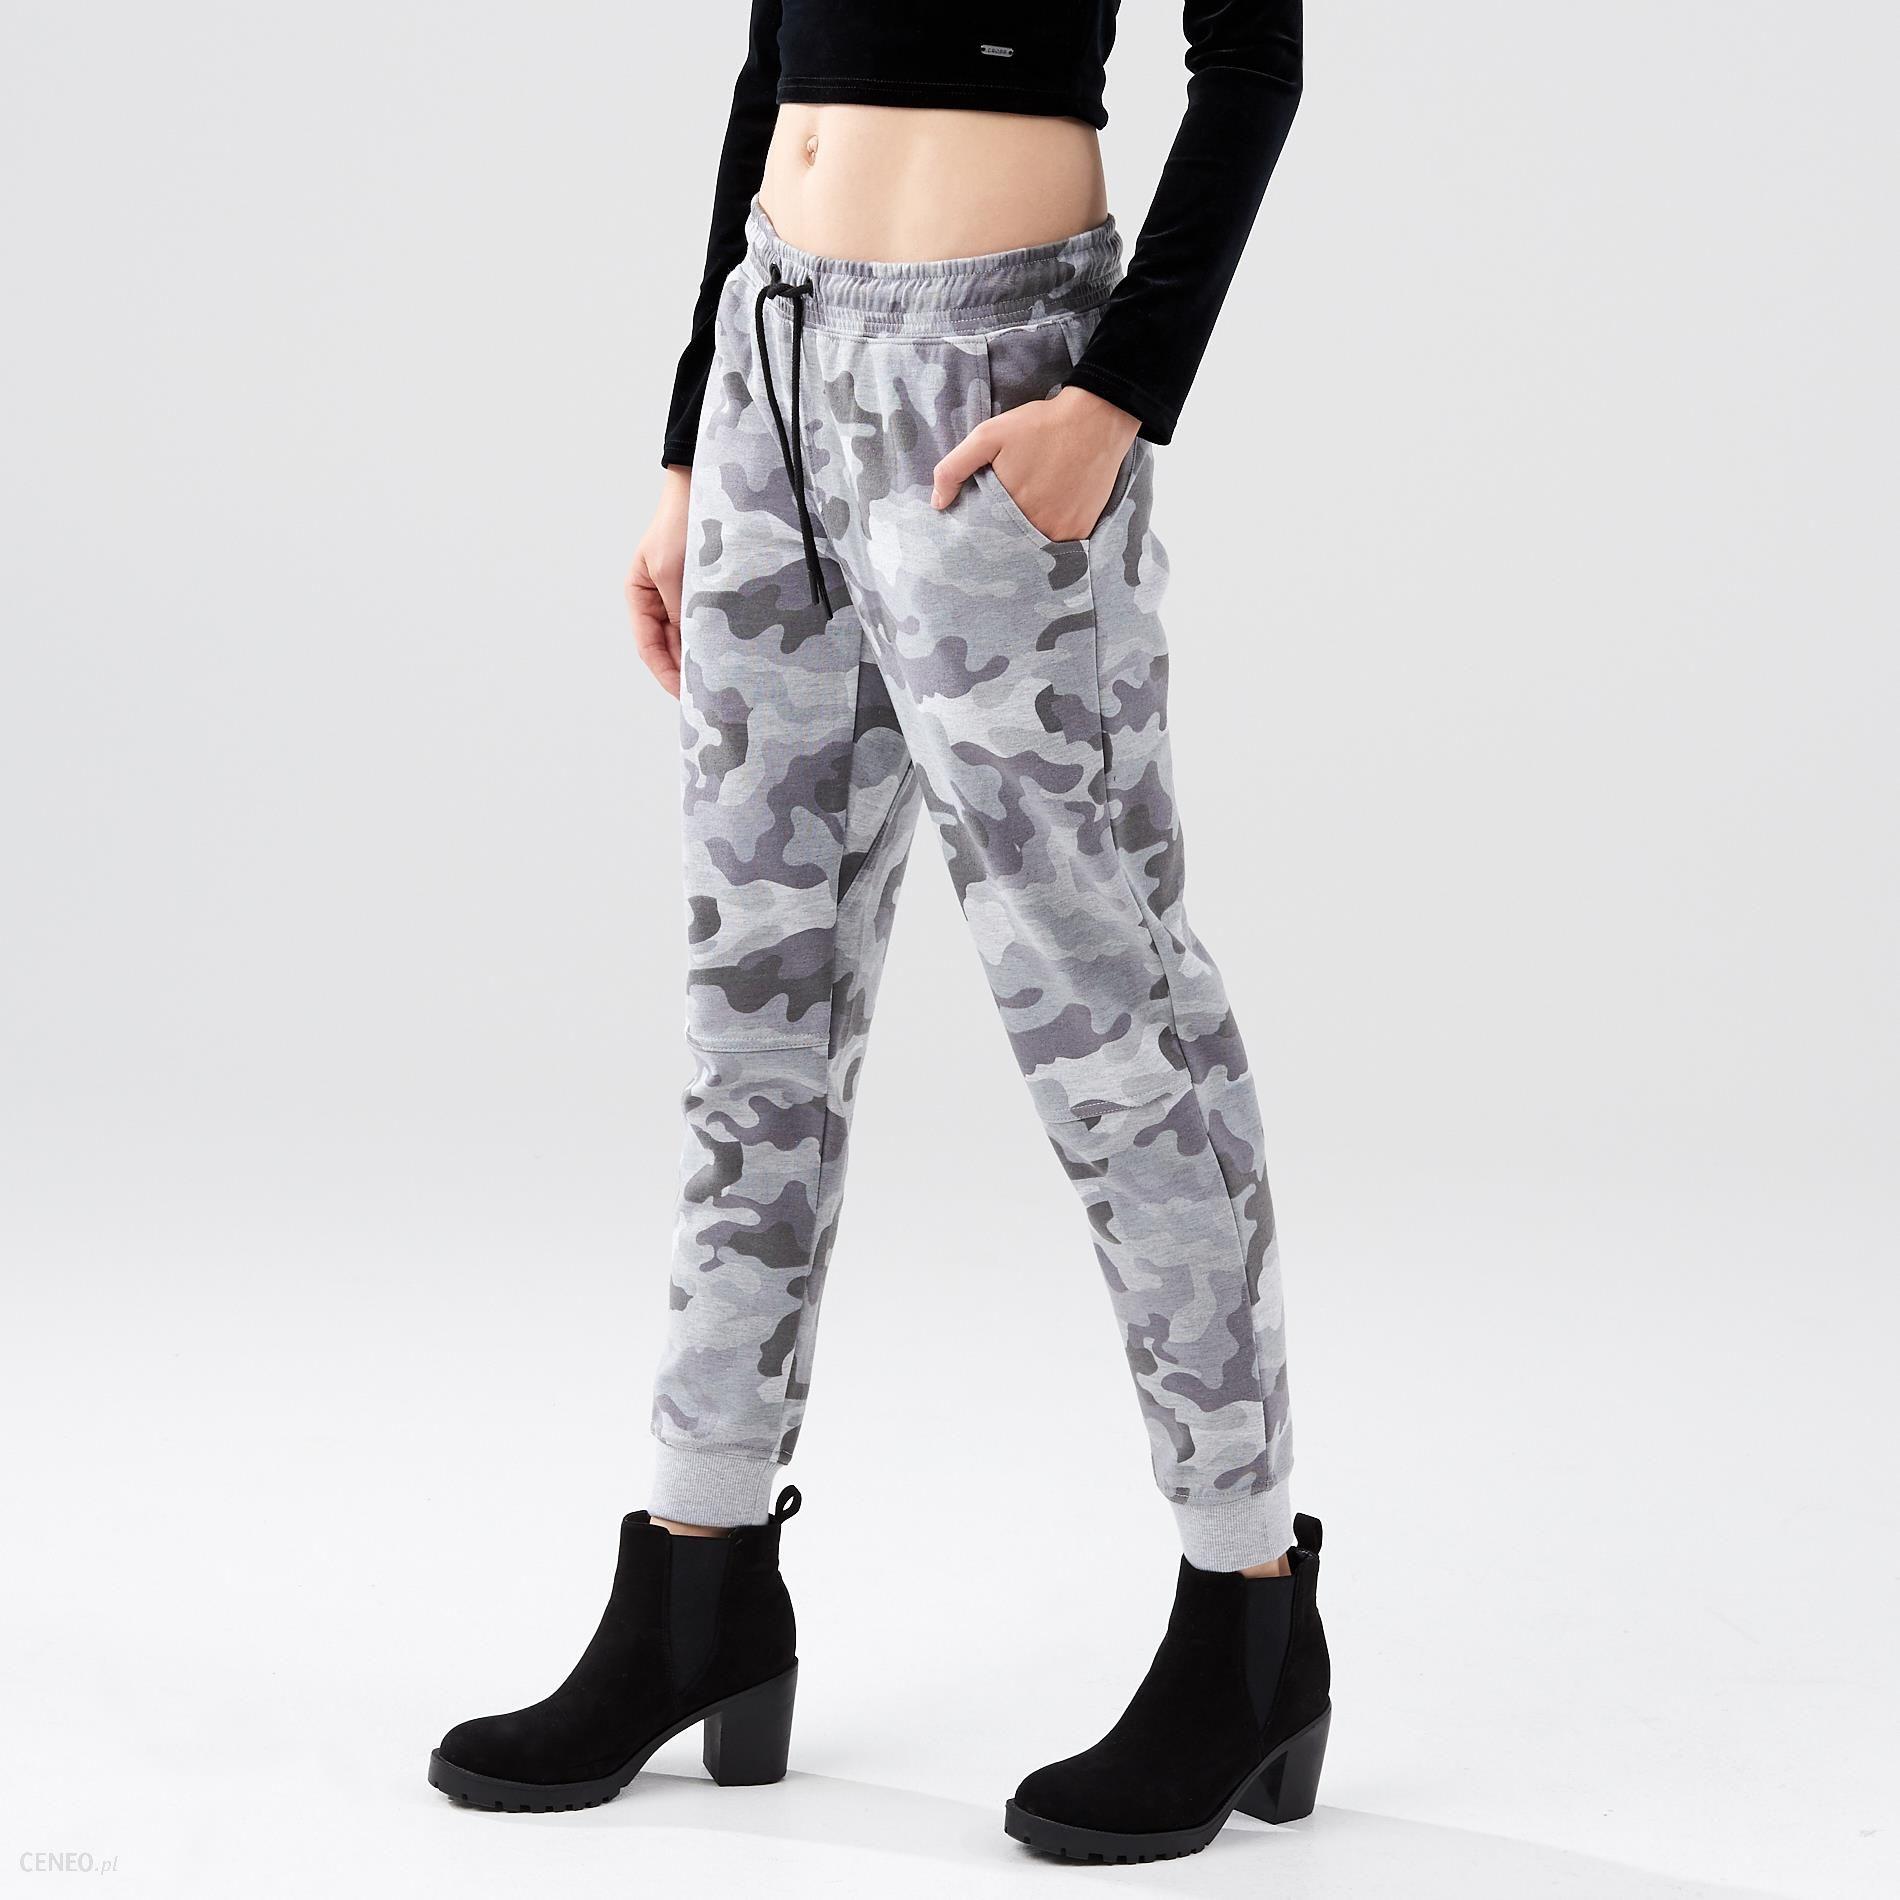 a152cf94faac5c Cropp - Spodnie dresowe moro - Szary - damska - Ceny i opinie - Ceneo.pl